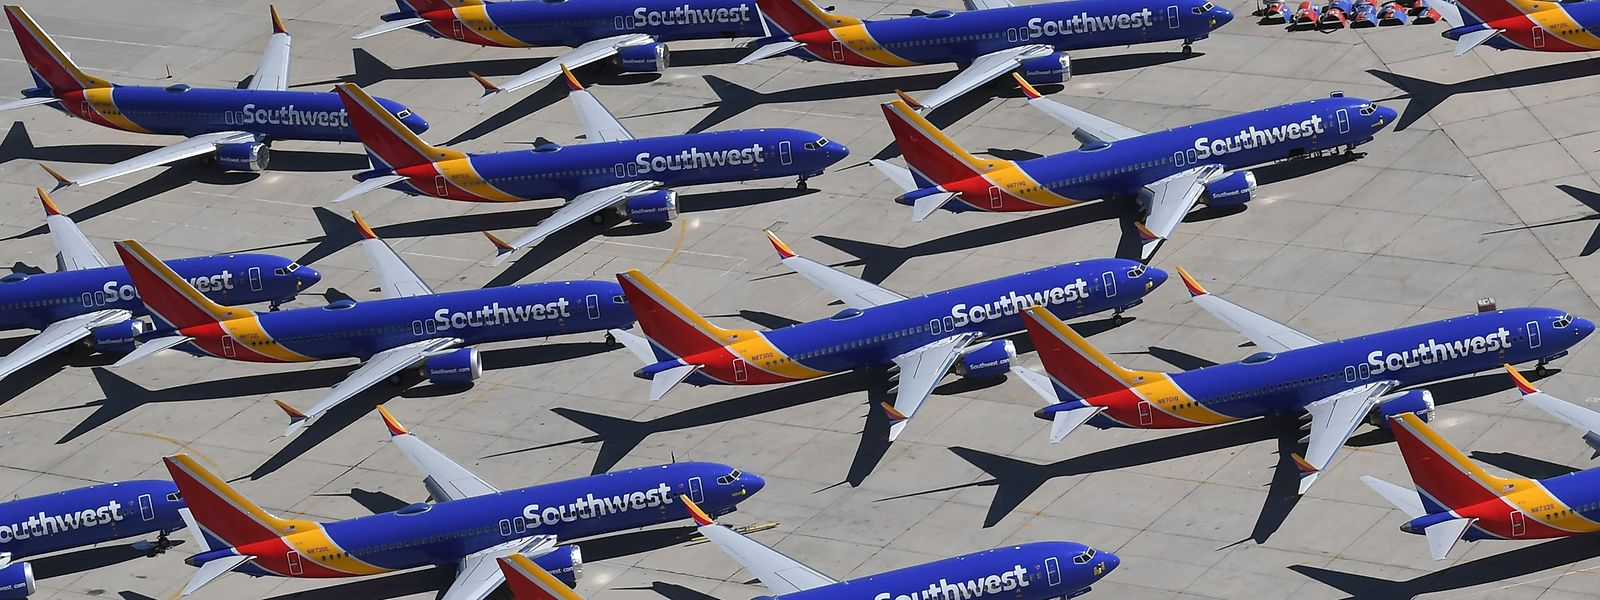 Alle Maschinen des betroffenen Flugzeugmodells wurden nach den zwei Unfällen mit einem Startverbot belegt.